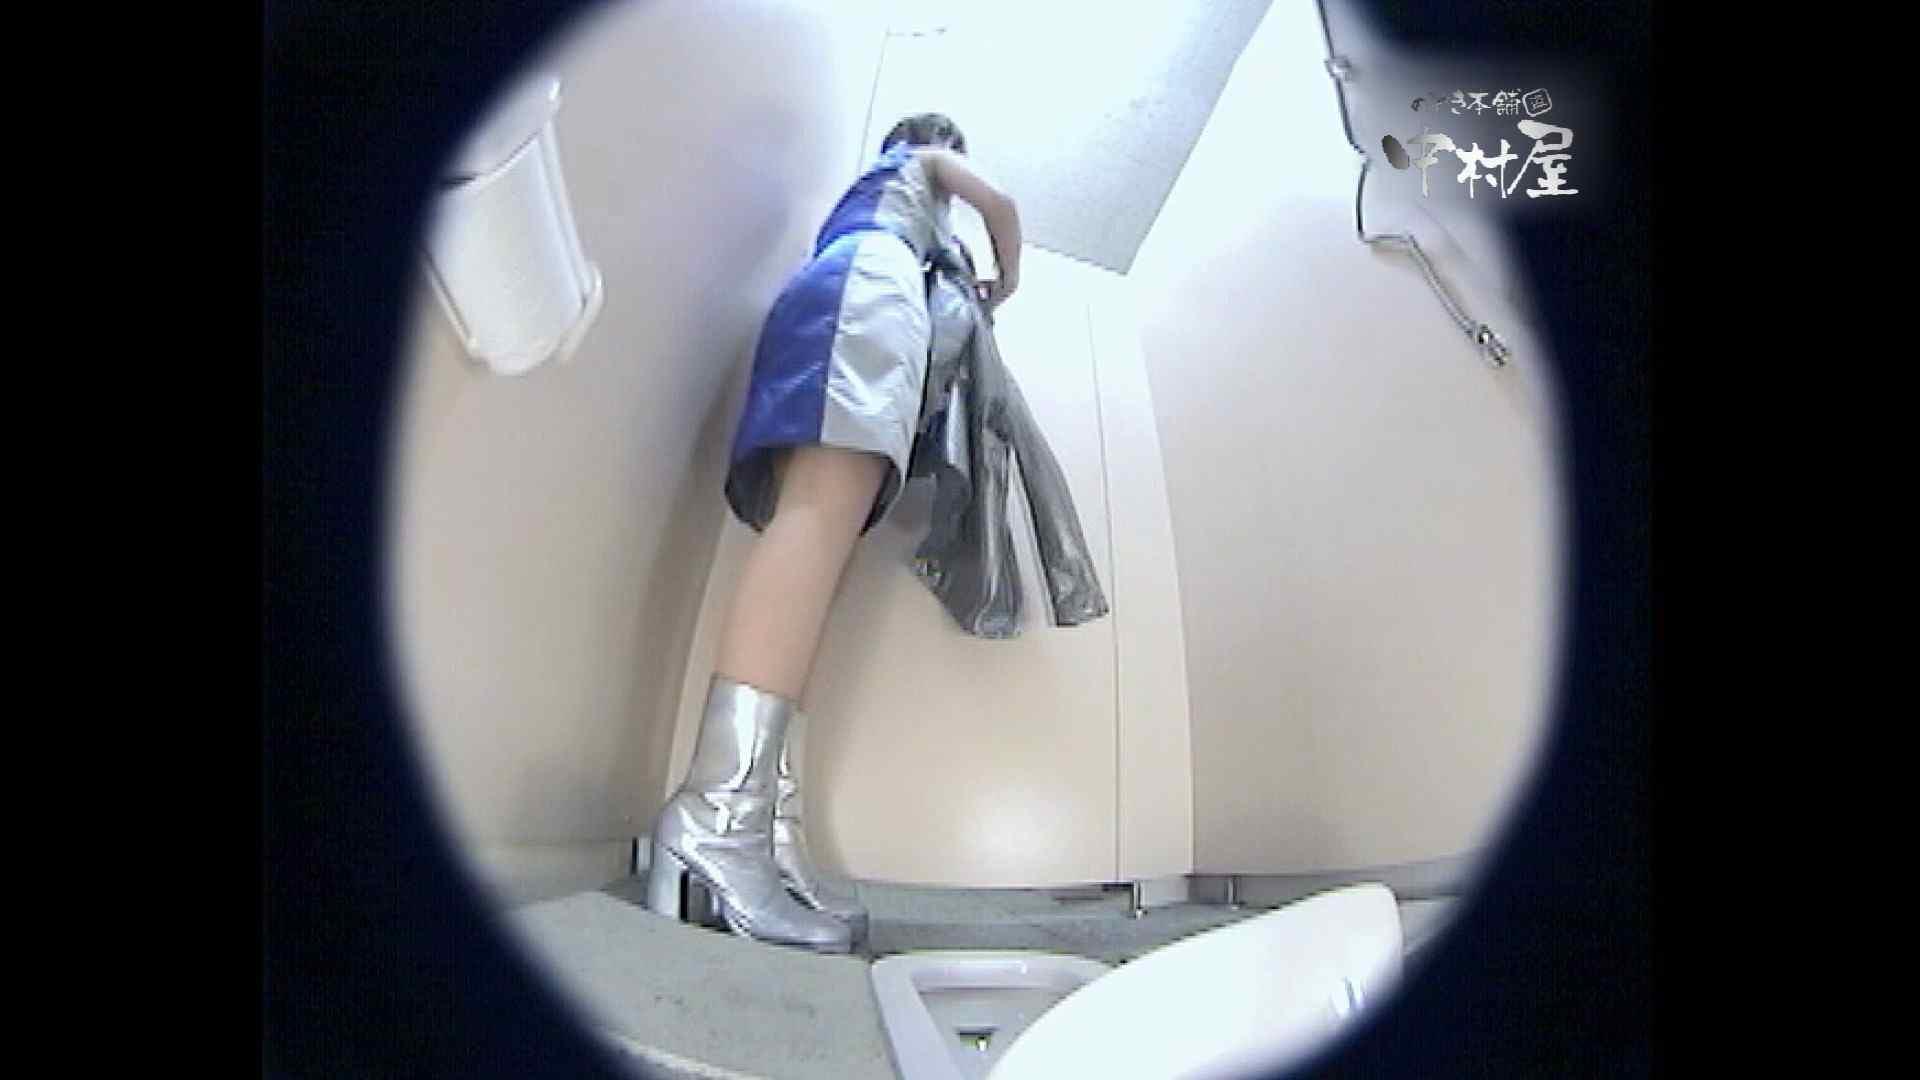 レースクィーントイレ盗撮!Vol.05 マンコエロすぎ | ギャルのエロ動画  113PIX 28